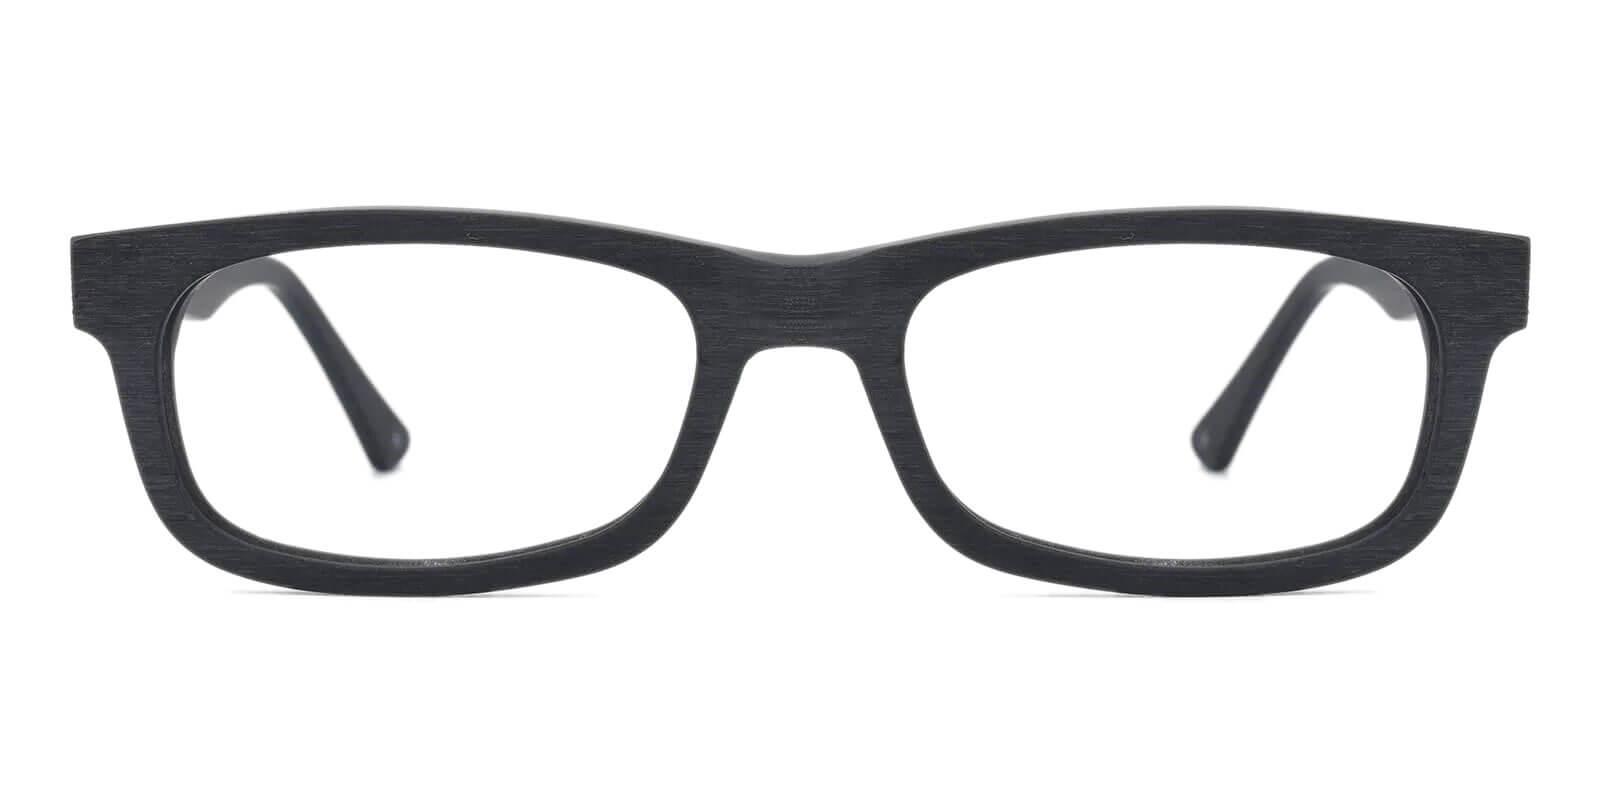 Chilliwack Black TR Eyeglasses , UniversalBridgeFit Frames from ABBE Glasses